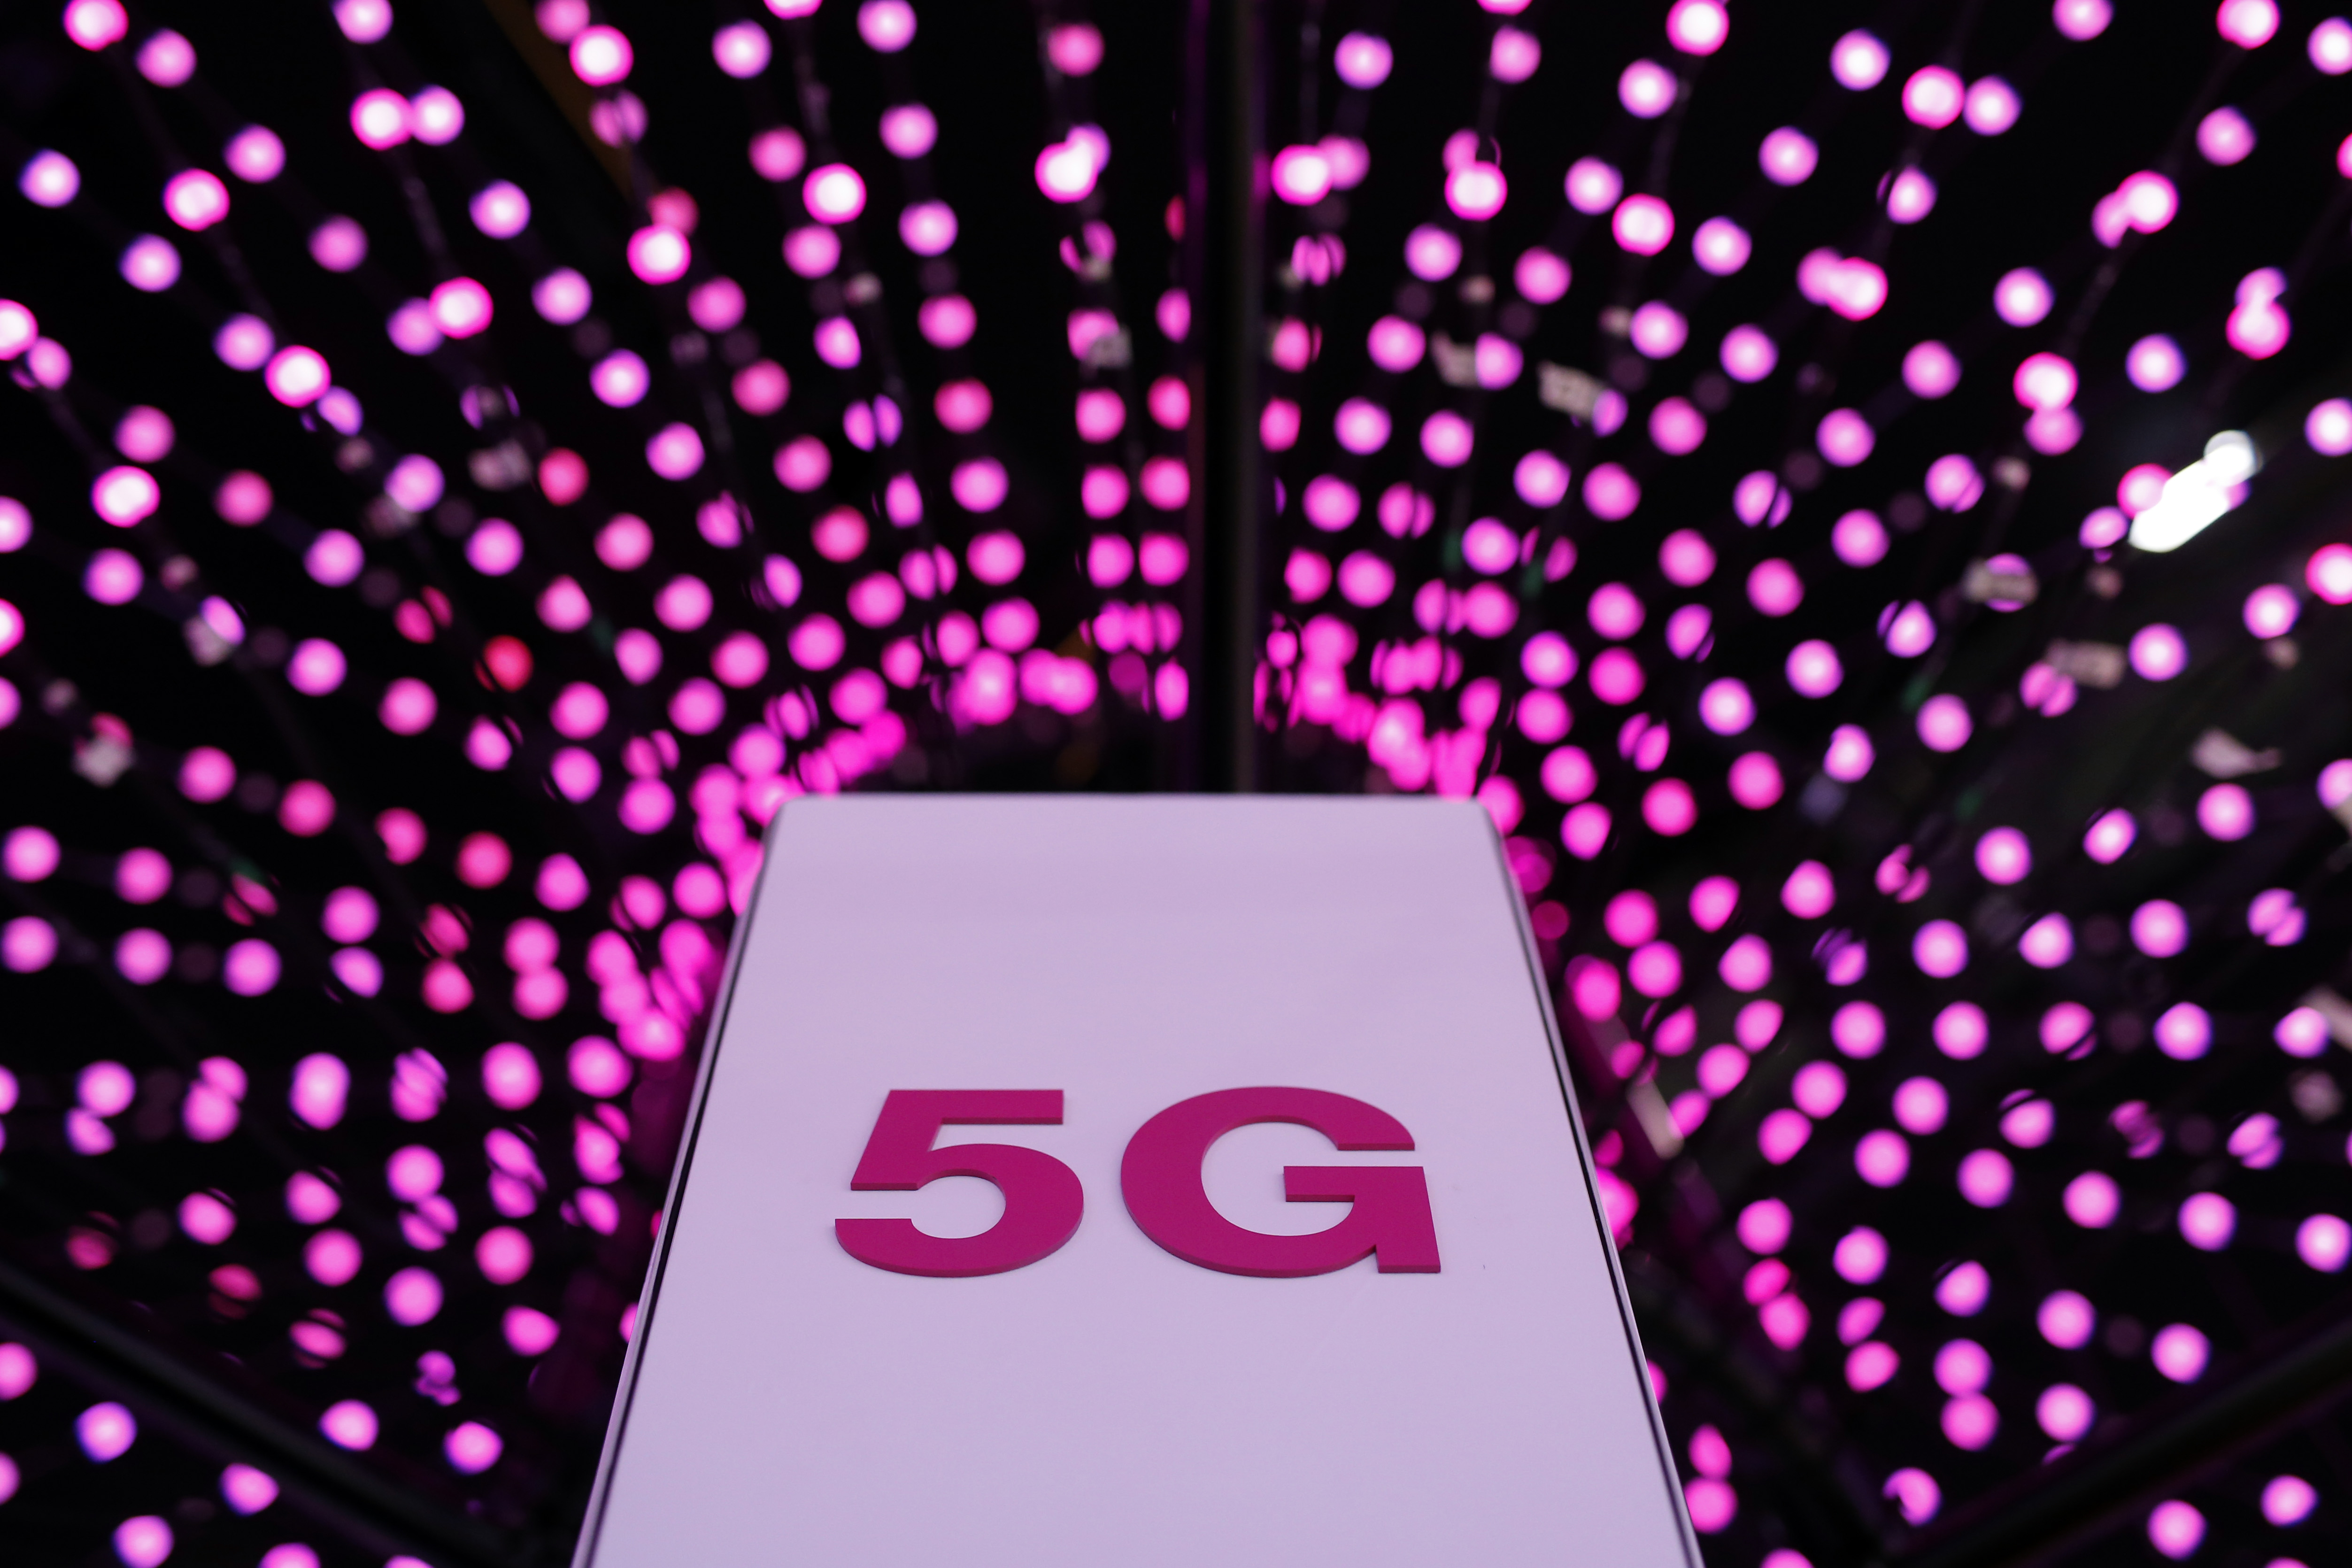 20項熱門工作技能 讓你在5G大數據時代勝出